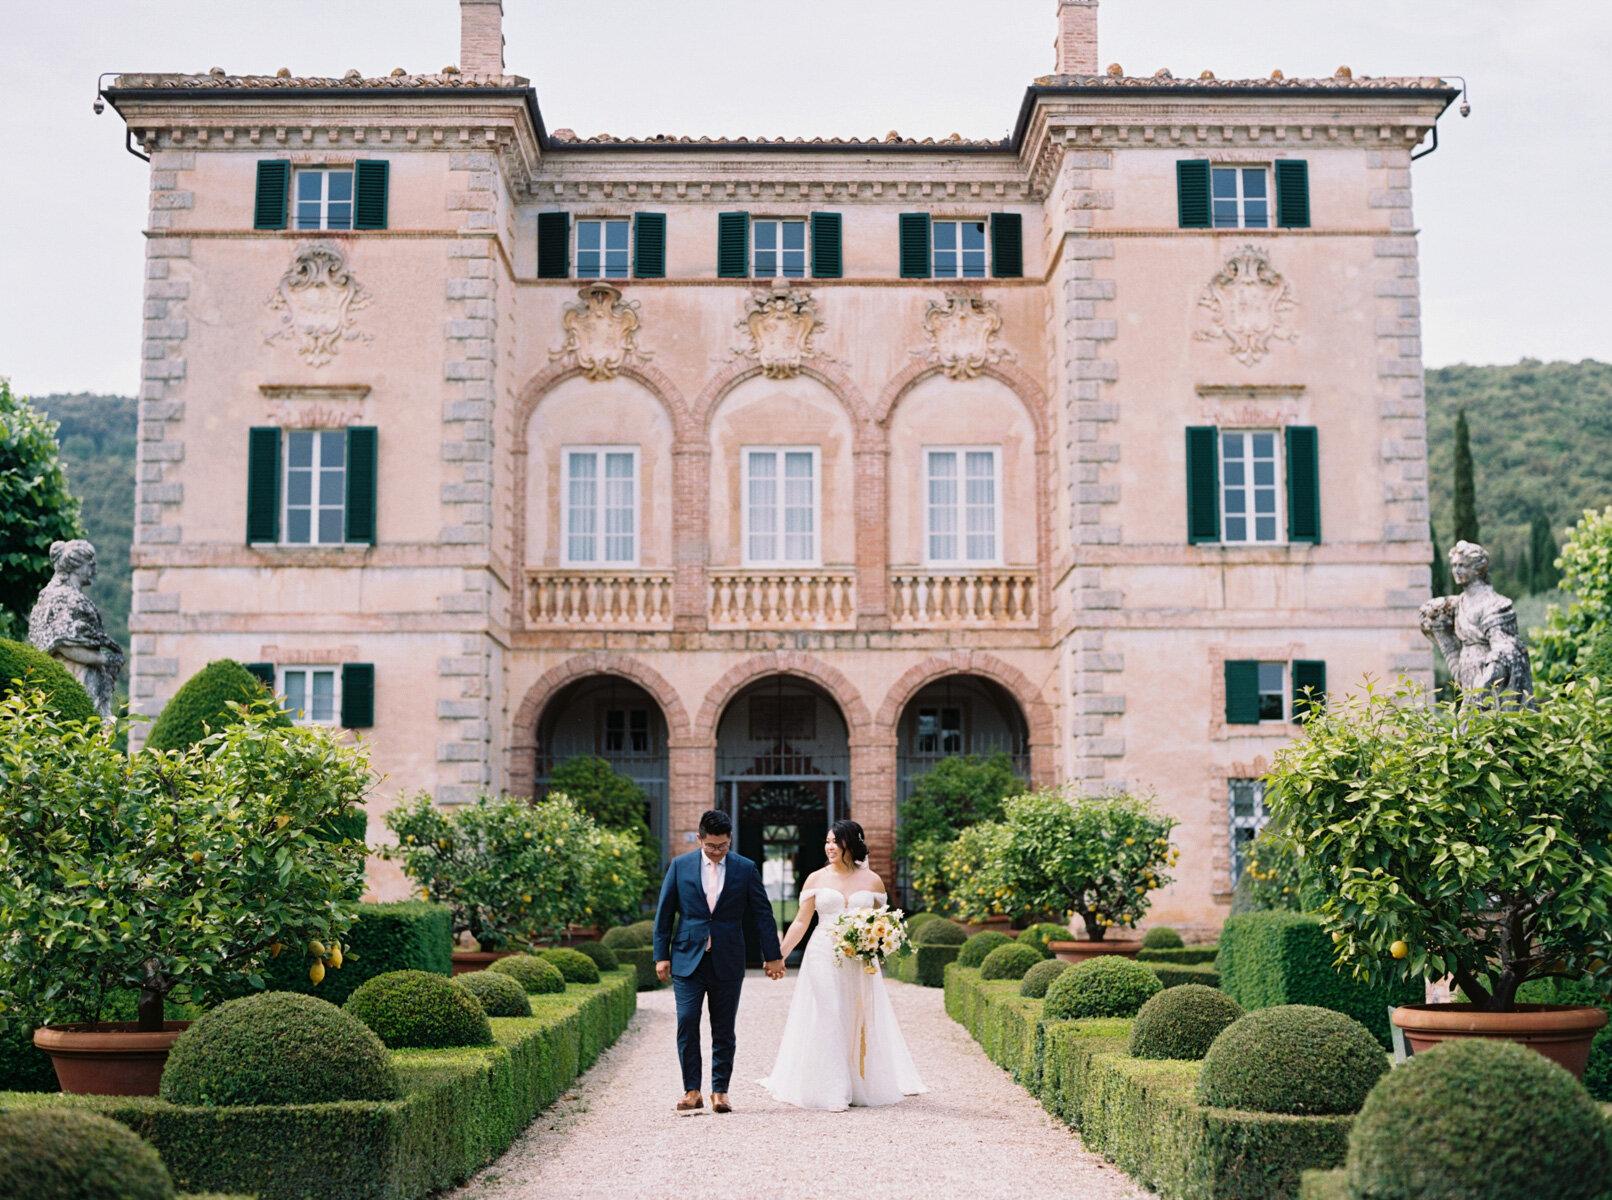 Villa-Cetinale-Tuscany-Katie-Grant-destination-wedding (42 of 115).jpg